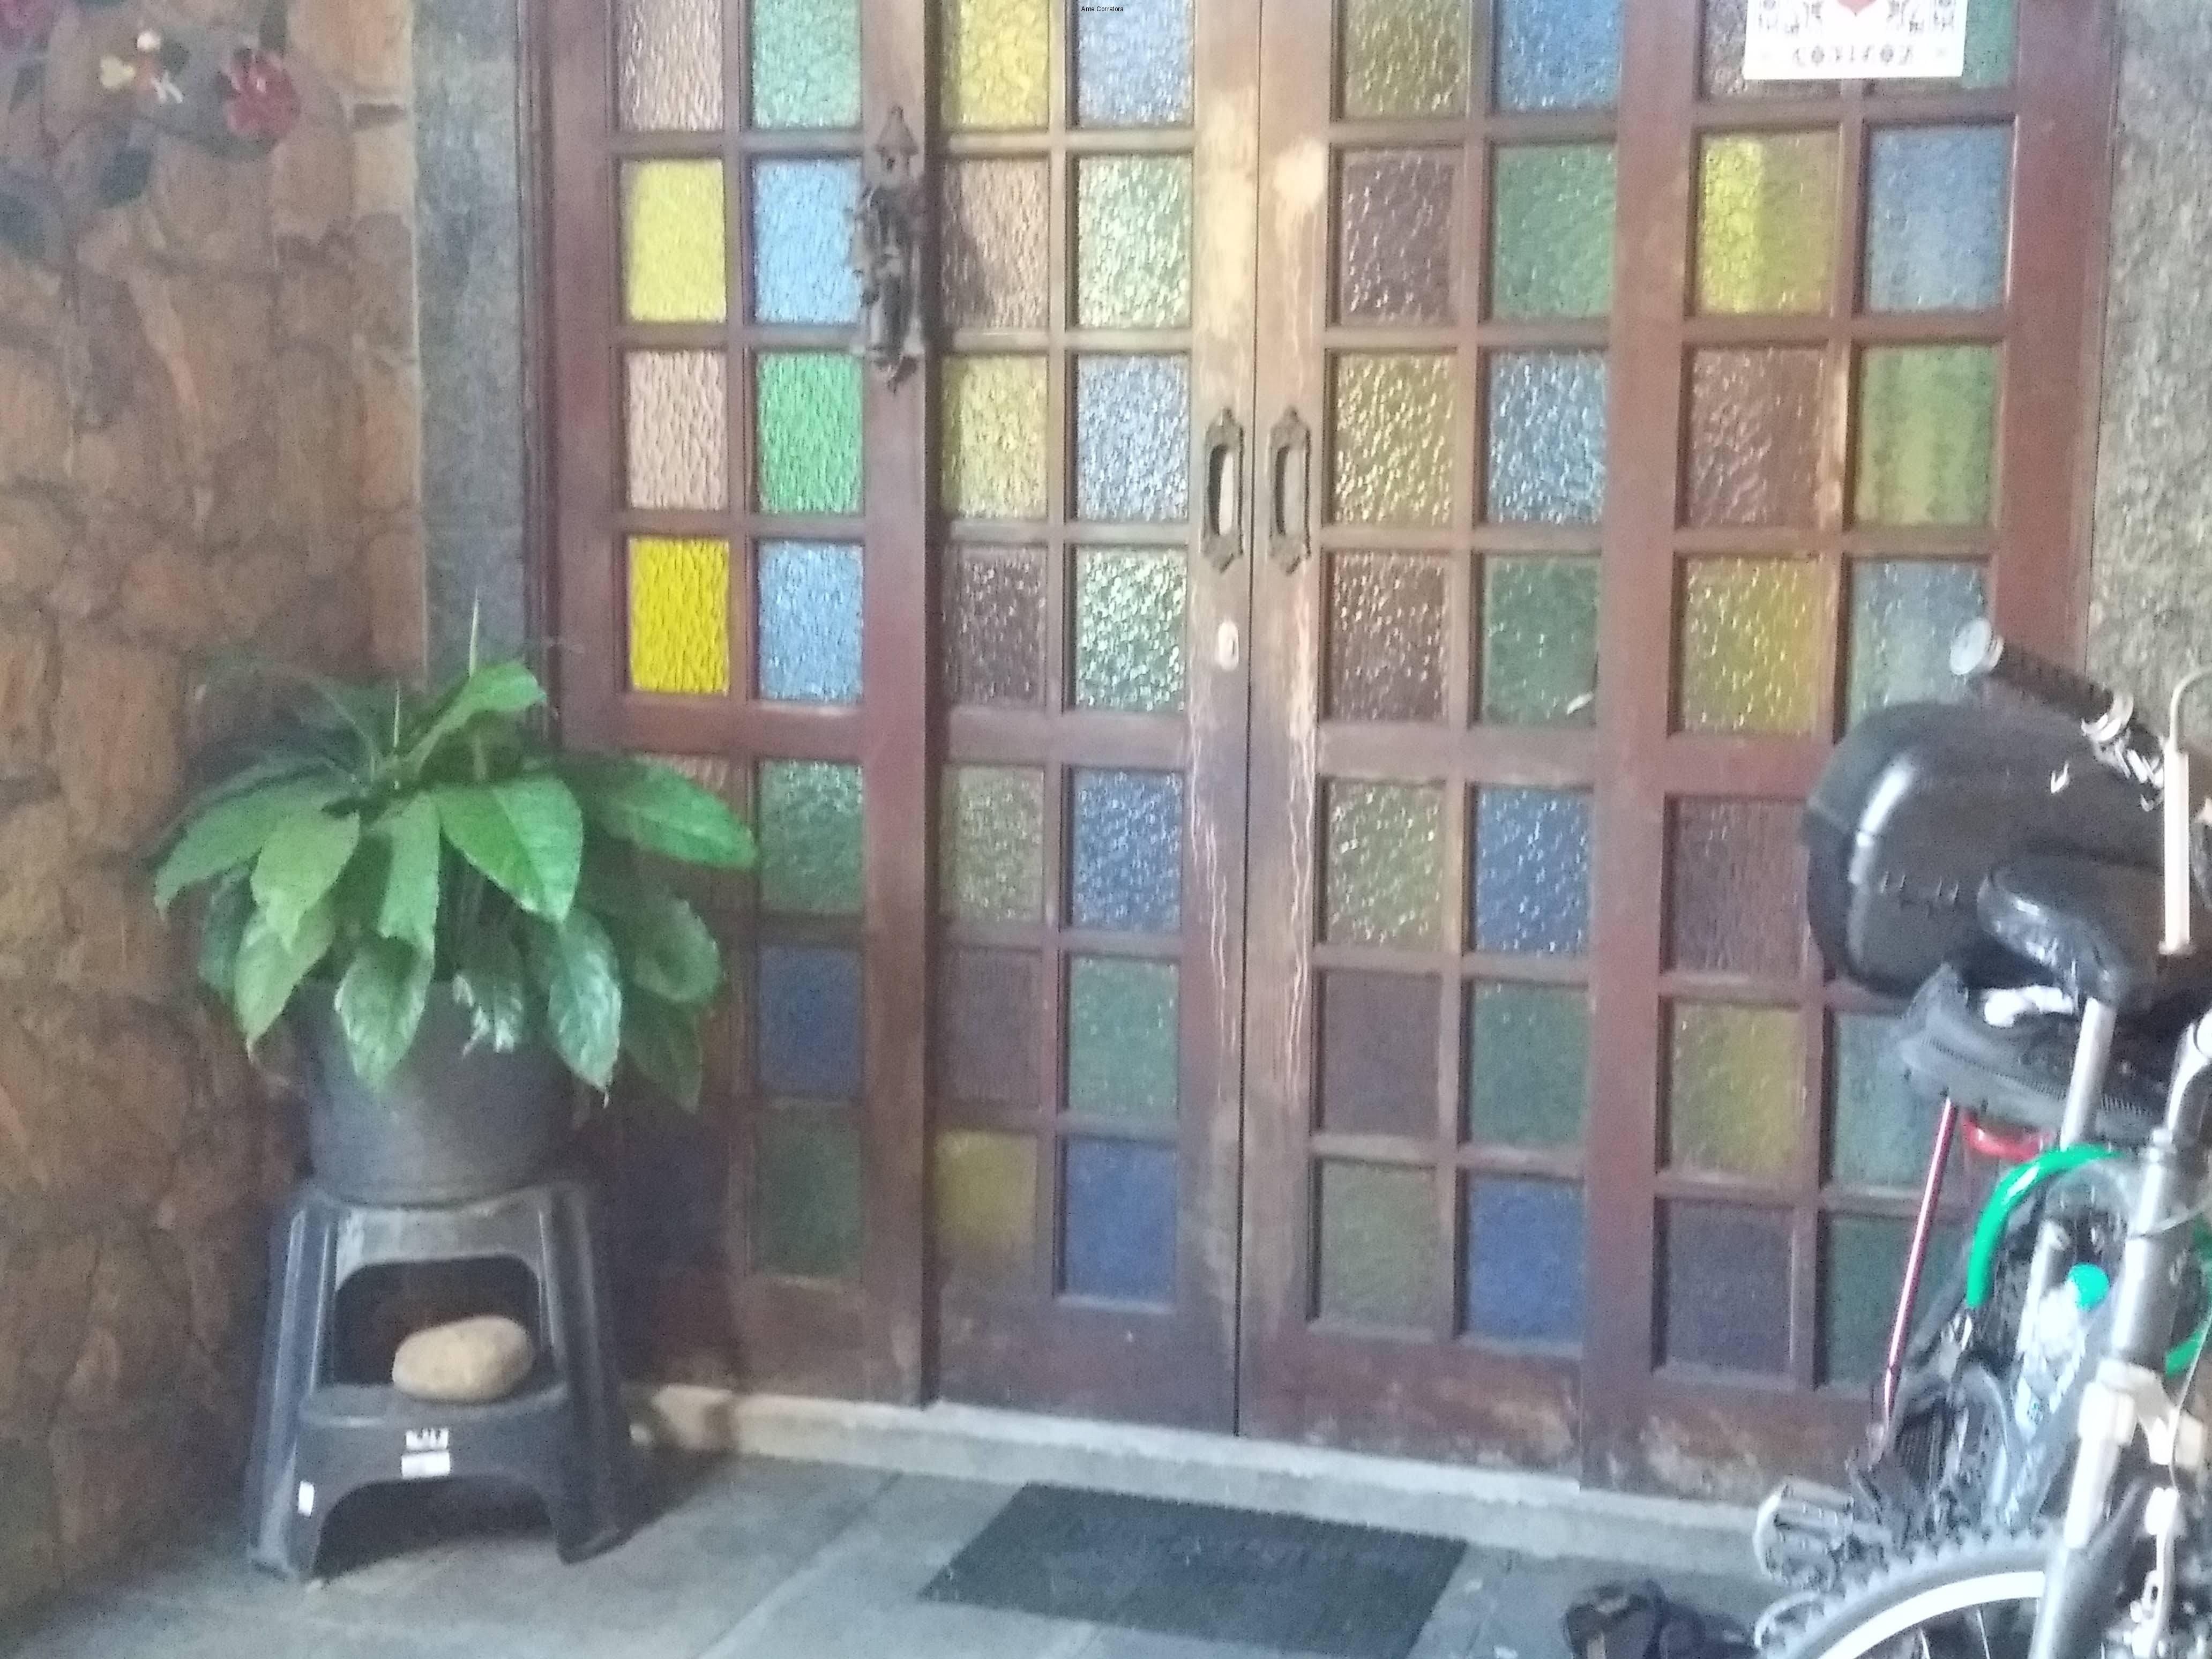 FOTO 48 - Casa 3 quartos à venda Rio de Janeiro,RJ Bangu - R$ 900.000 - CA00648 - 49